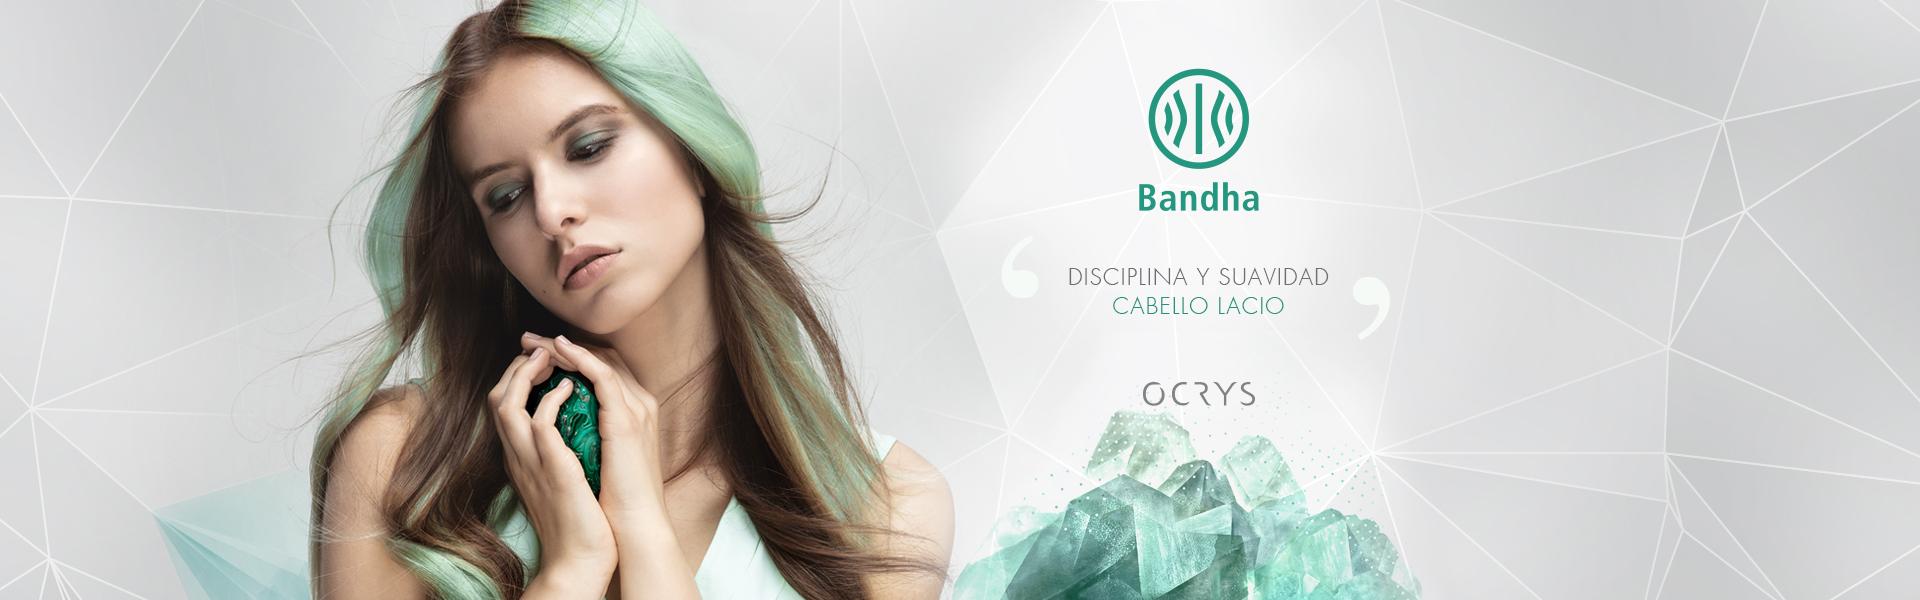 banner_centrali_BANDHA_PT